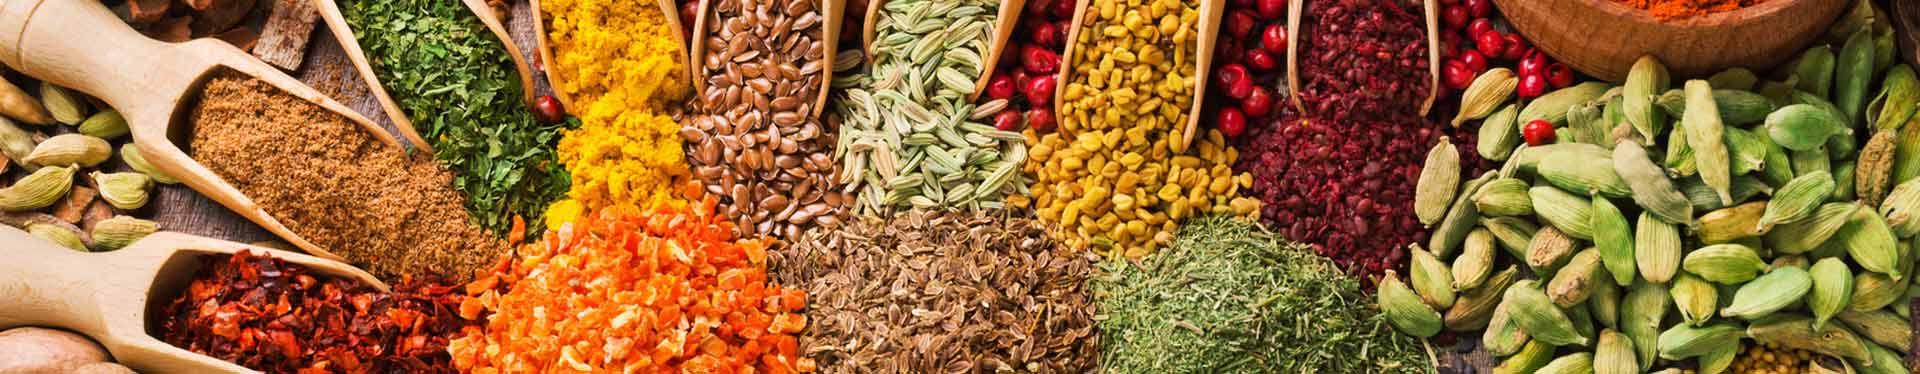 Kräuter und Gewürze ohne Zusatzstoffe